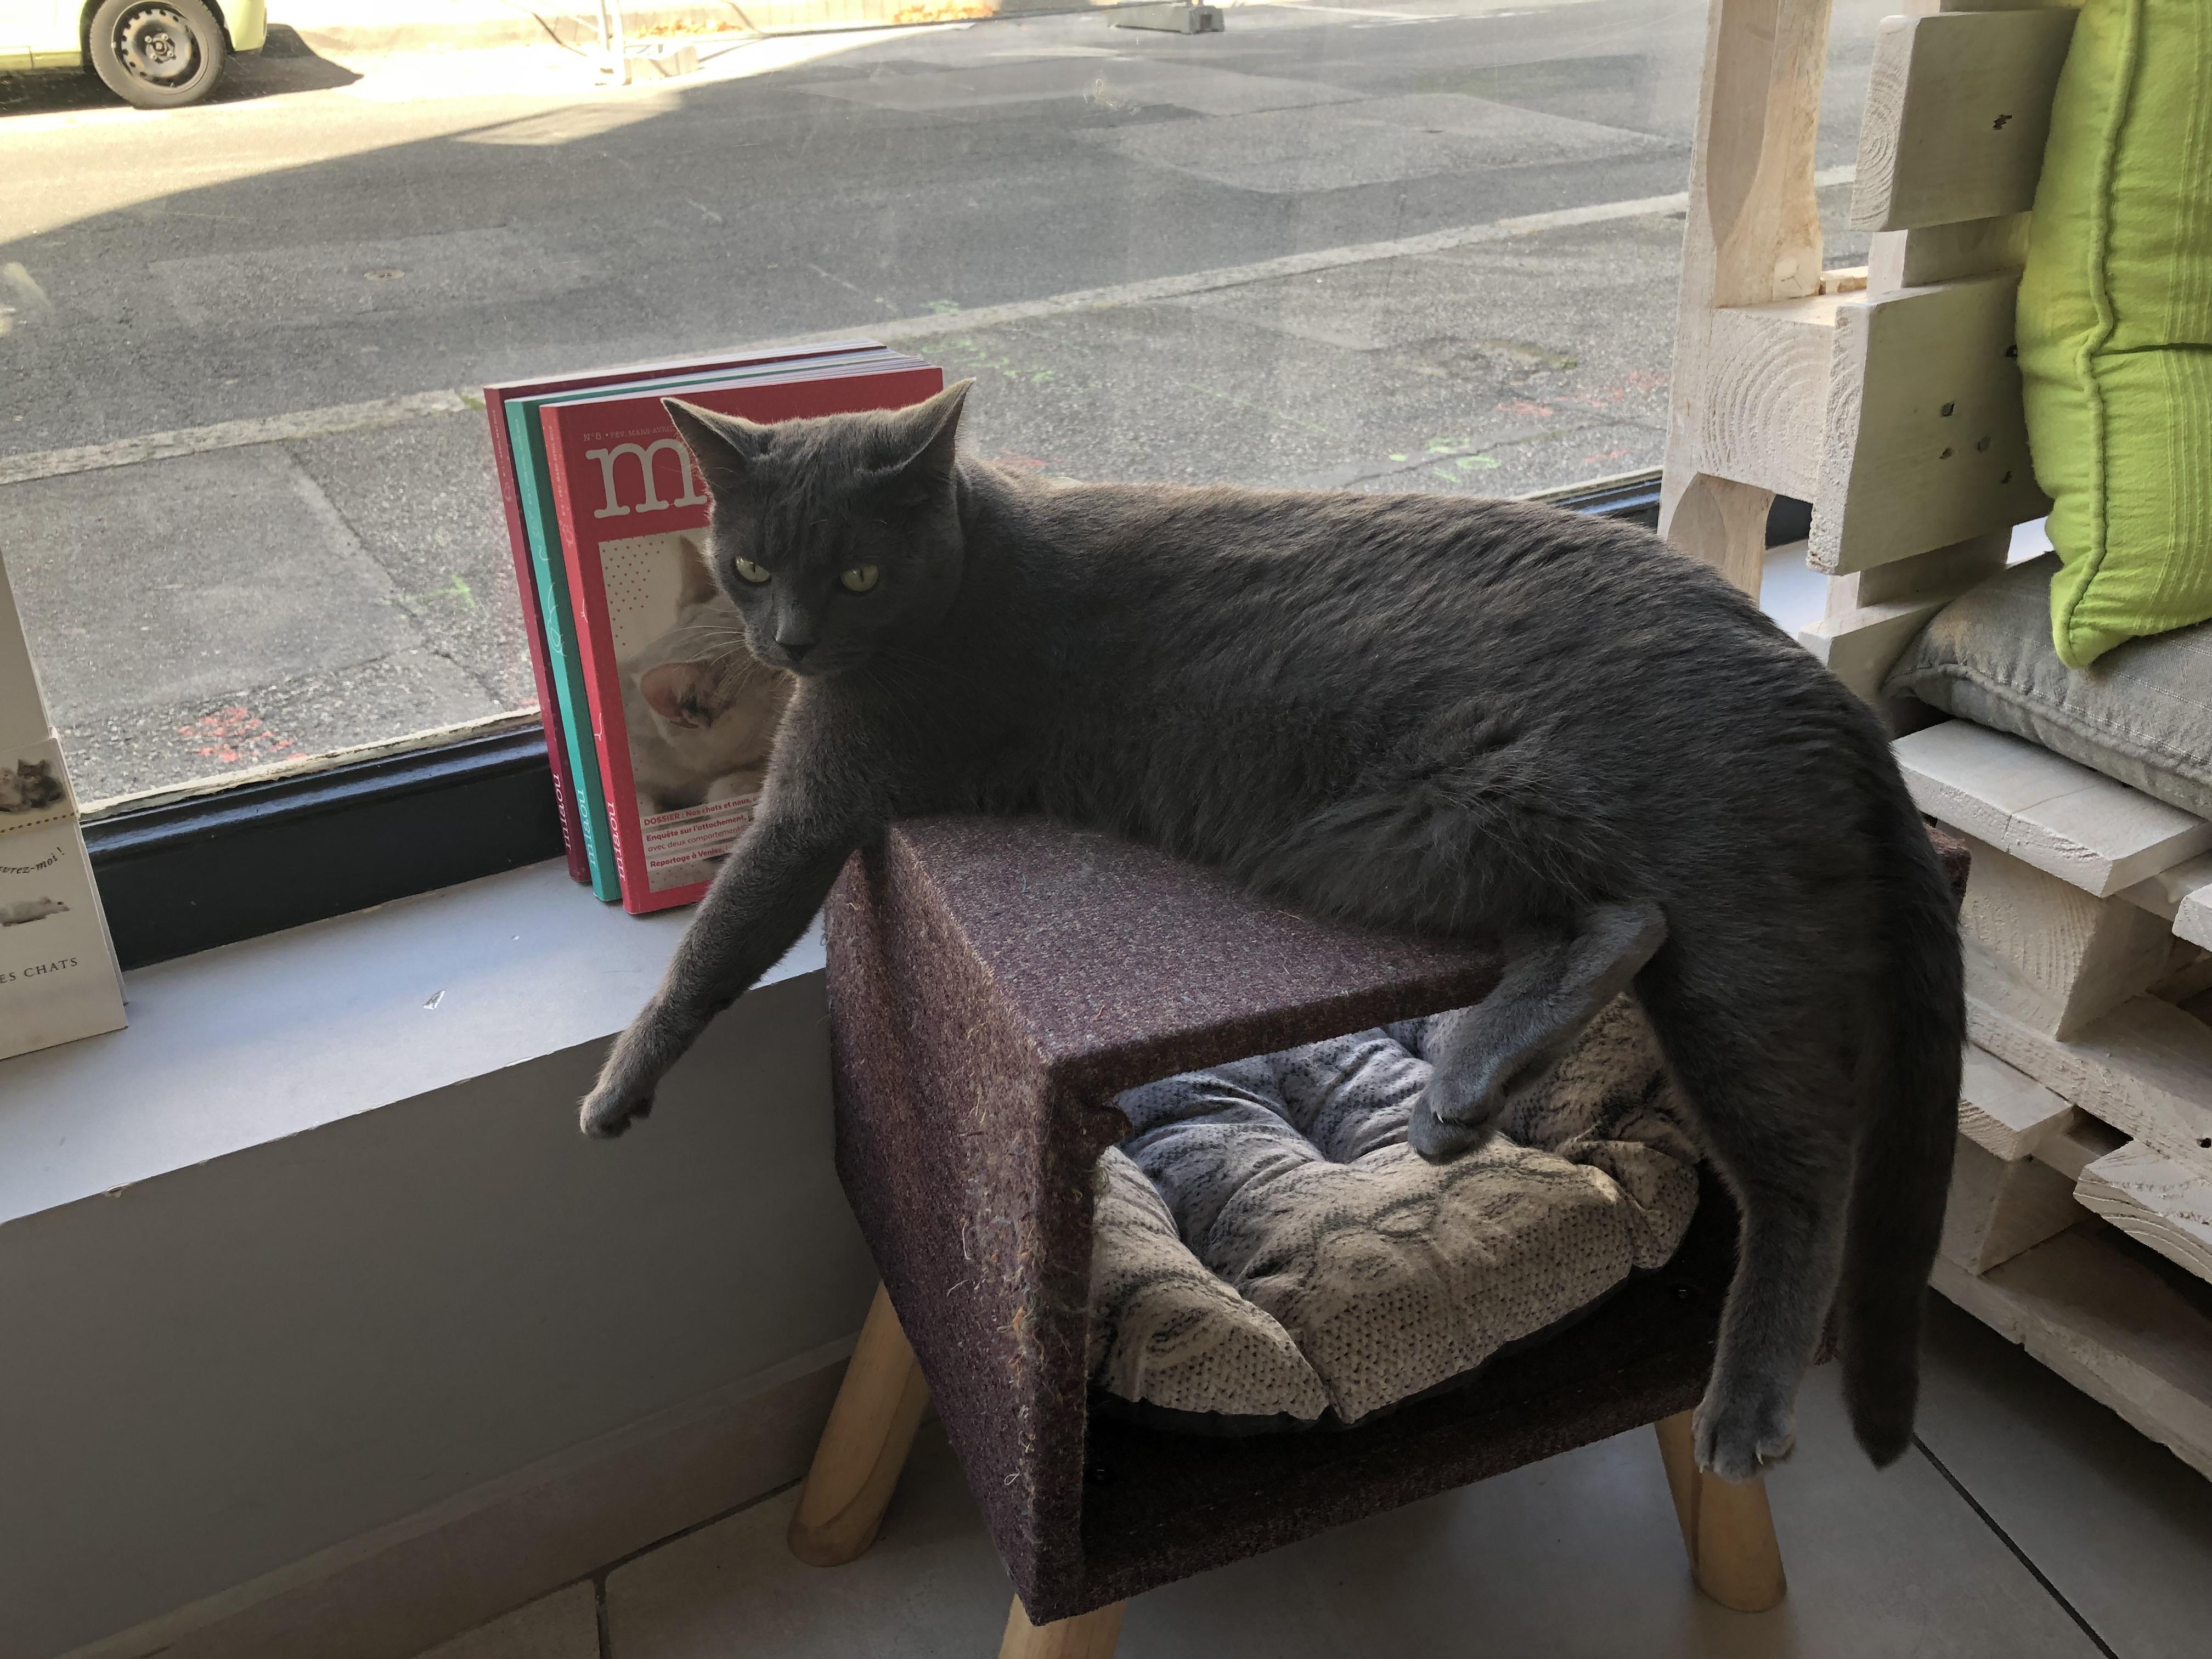 Un des endroits préférés de Mona, qui peut regarder ce qu'il se passe dehors depuis son fauteuil.